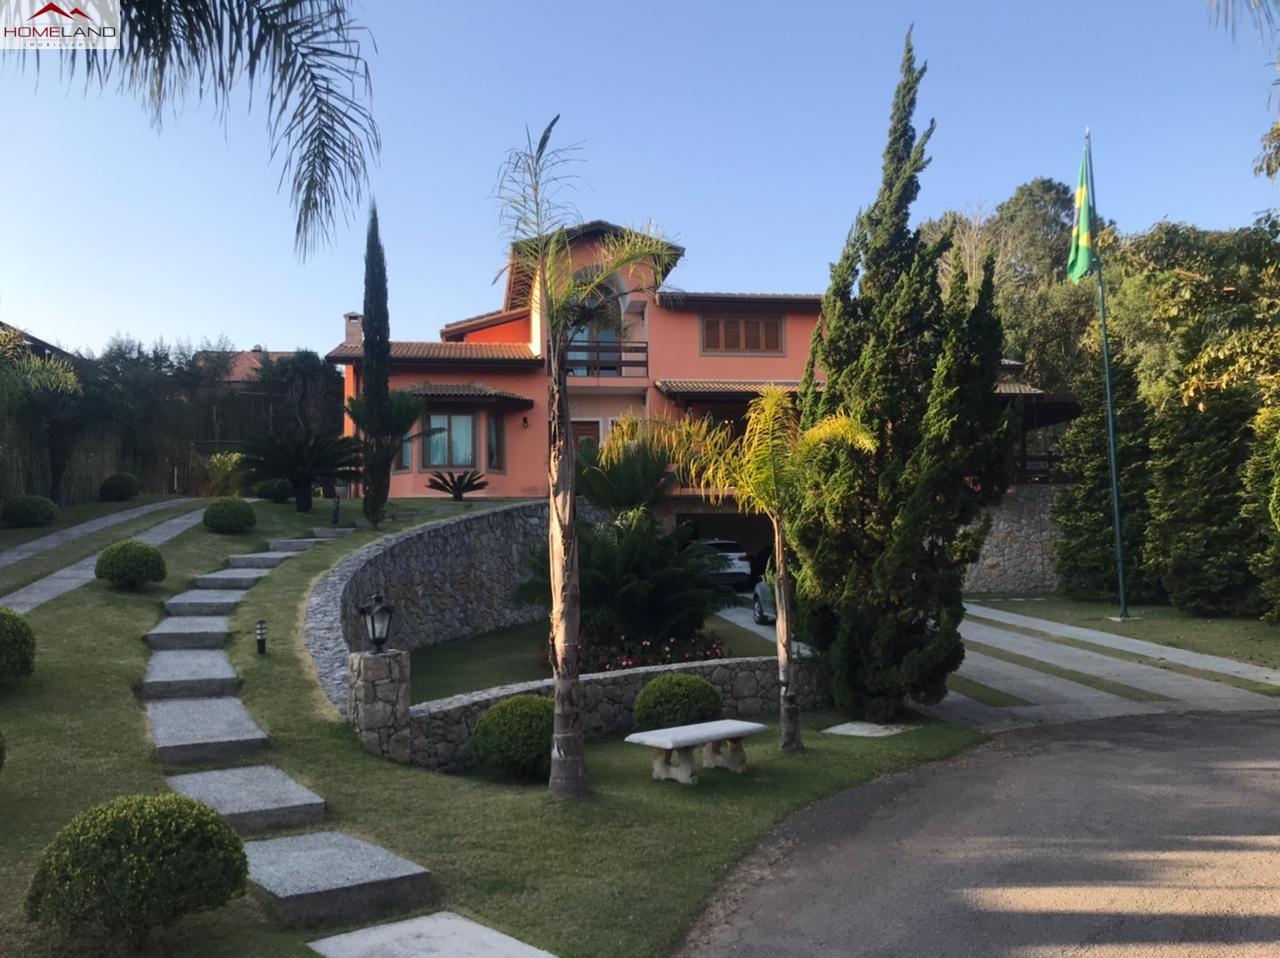 HL-233 Casa completa com 5 suítes, 642m2 e uma vasto terreno de 1328m2